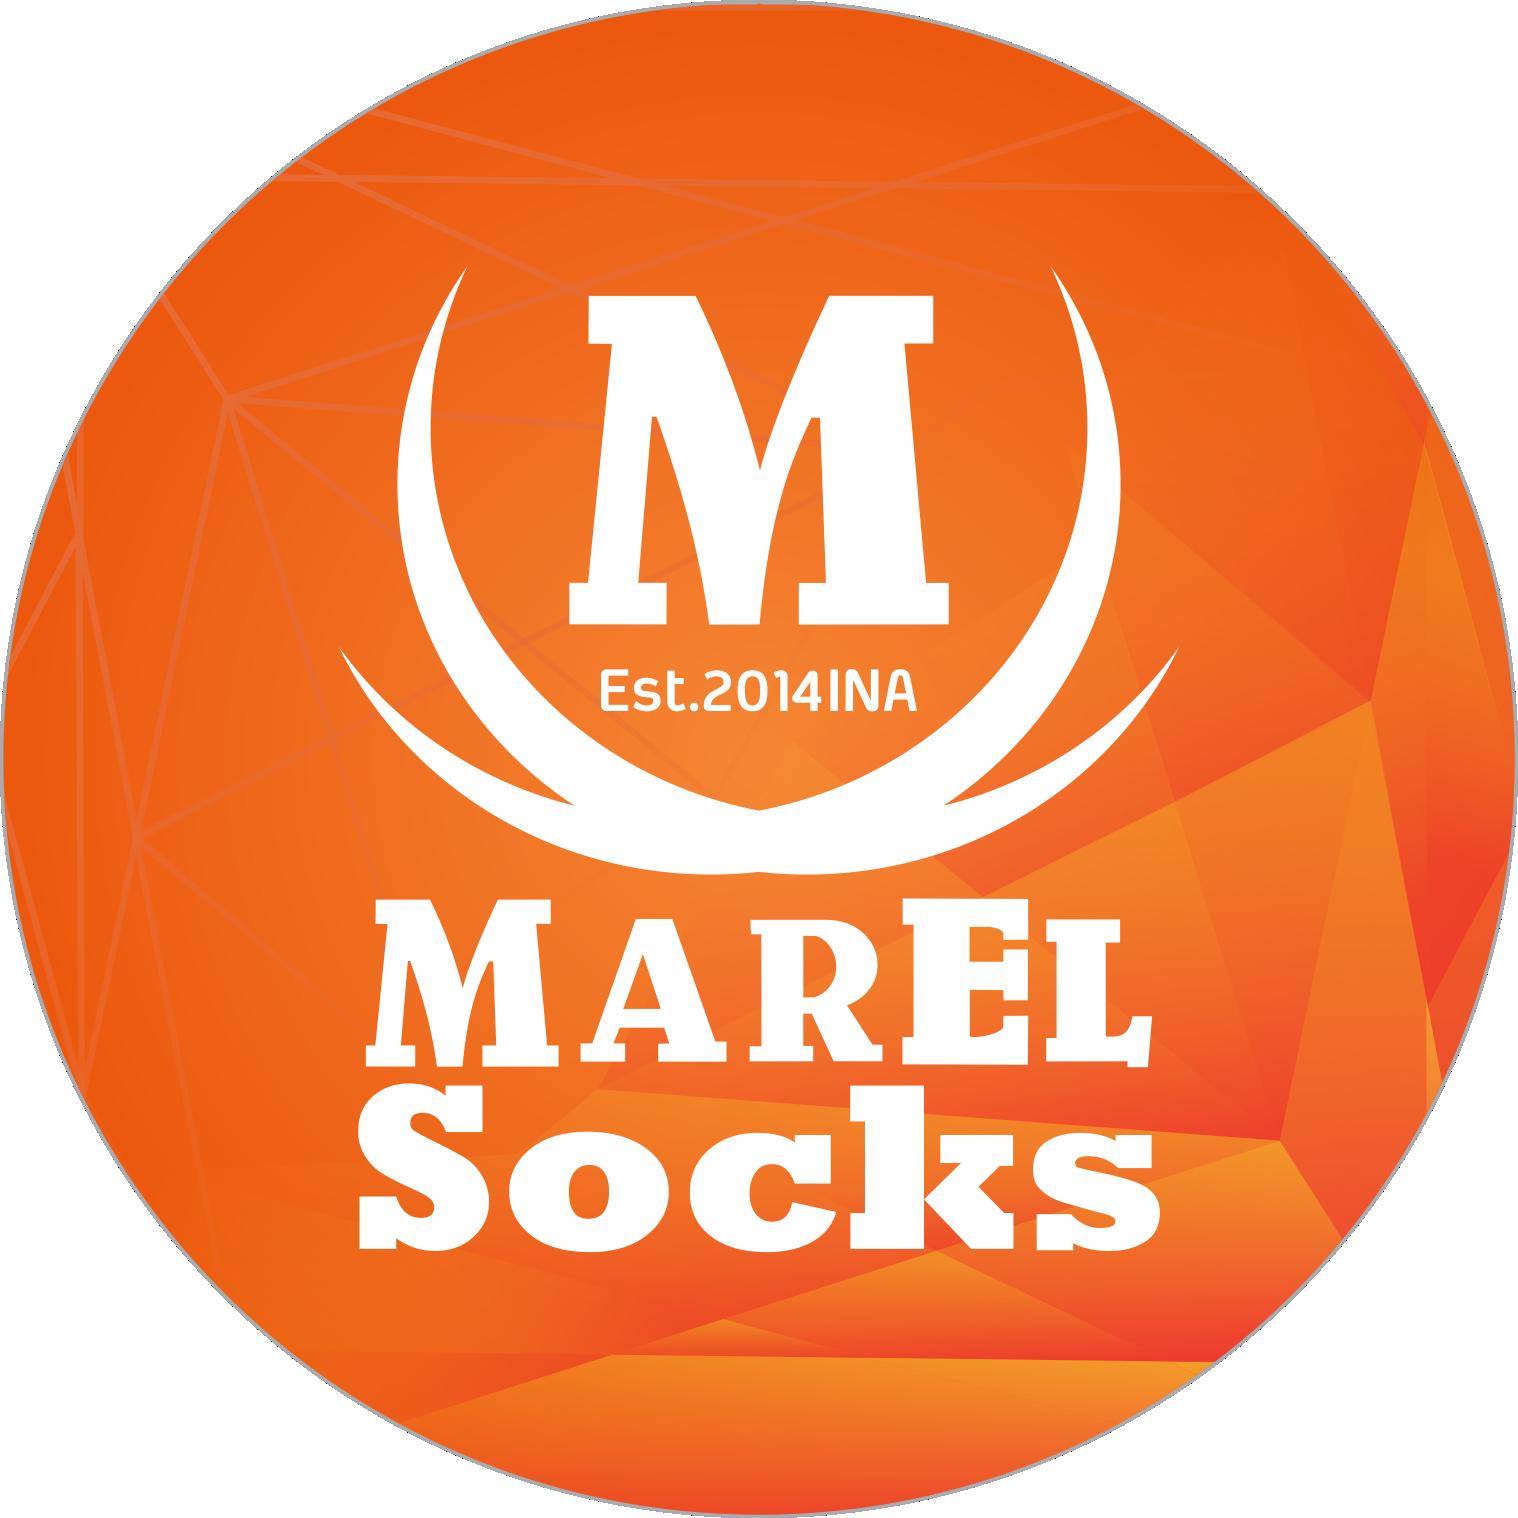 Jual Produk Merchant Marel Store Terlengkap Terpercaya Kaos Kaki Socks Men Sock Mc1p 16 Ms008 Black